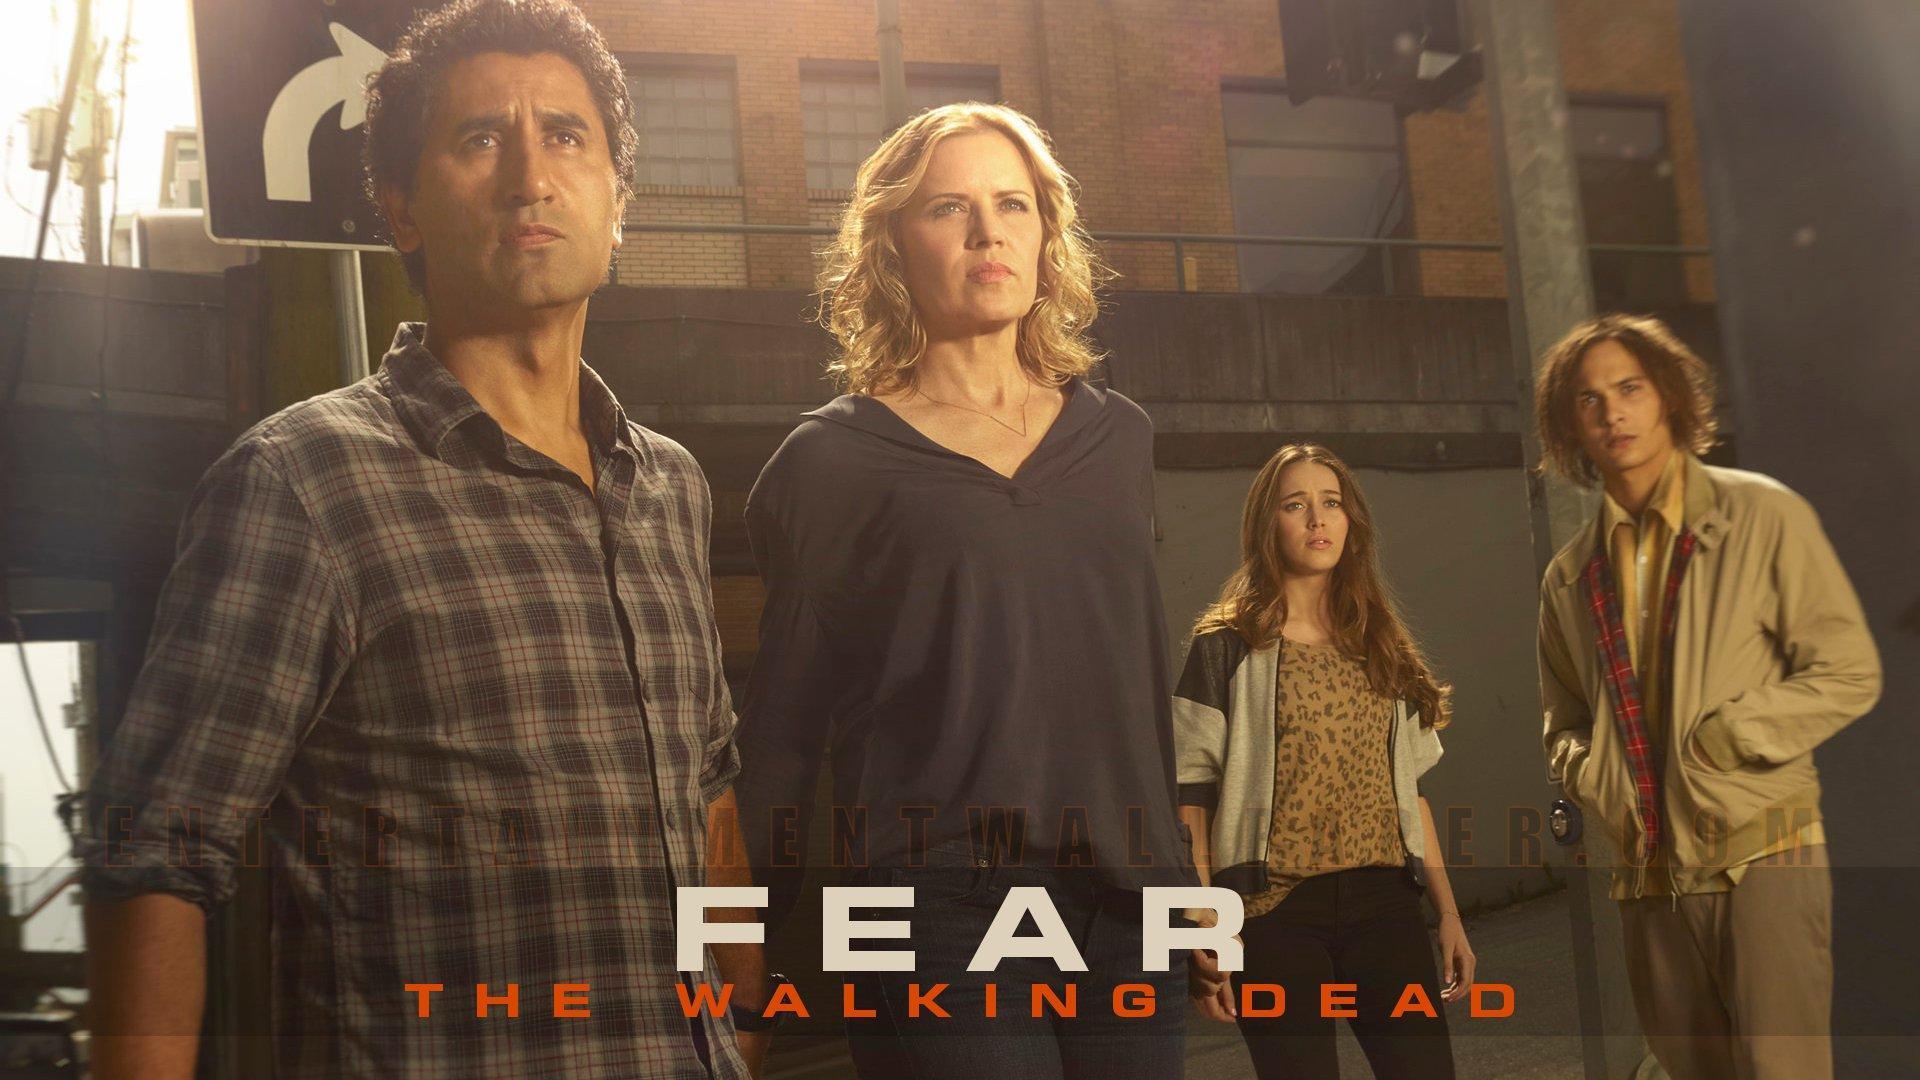 fear the walking dead season 2 episodes download